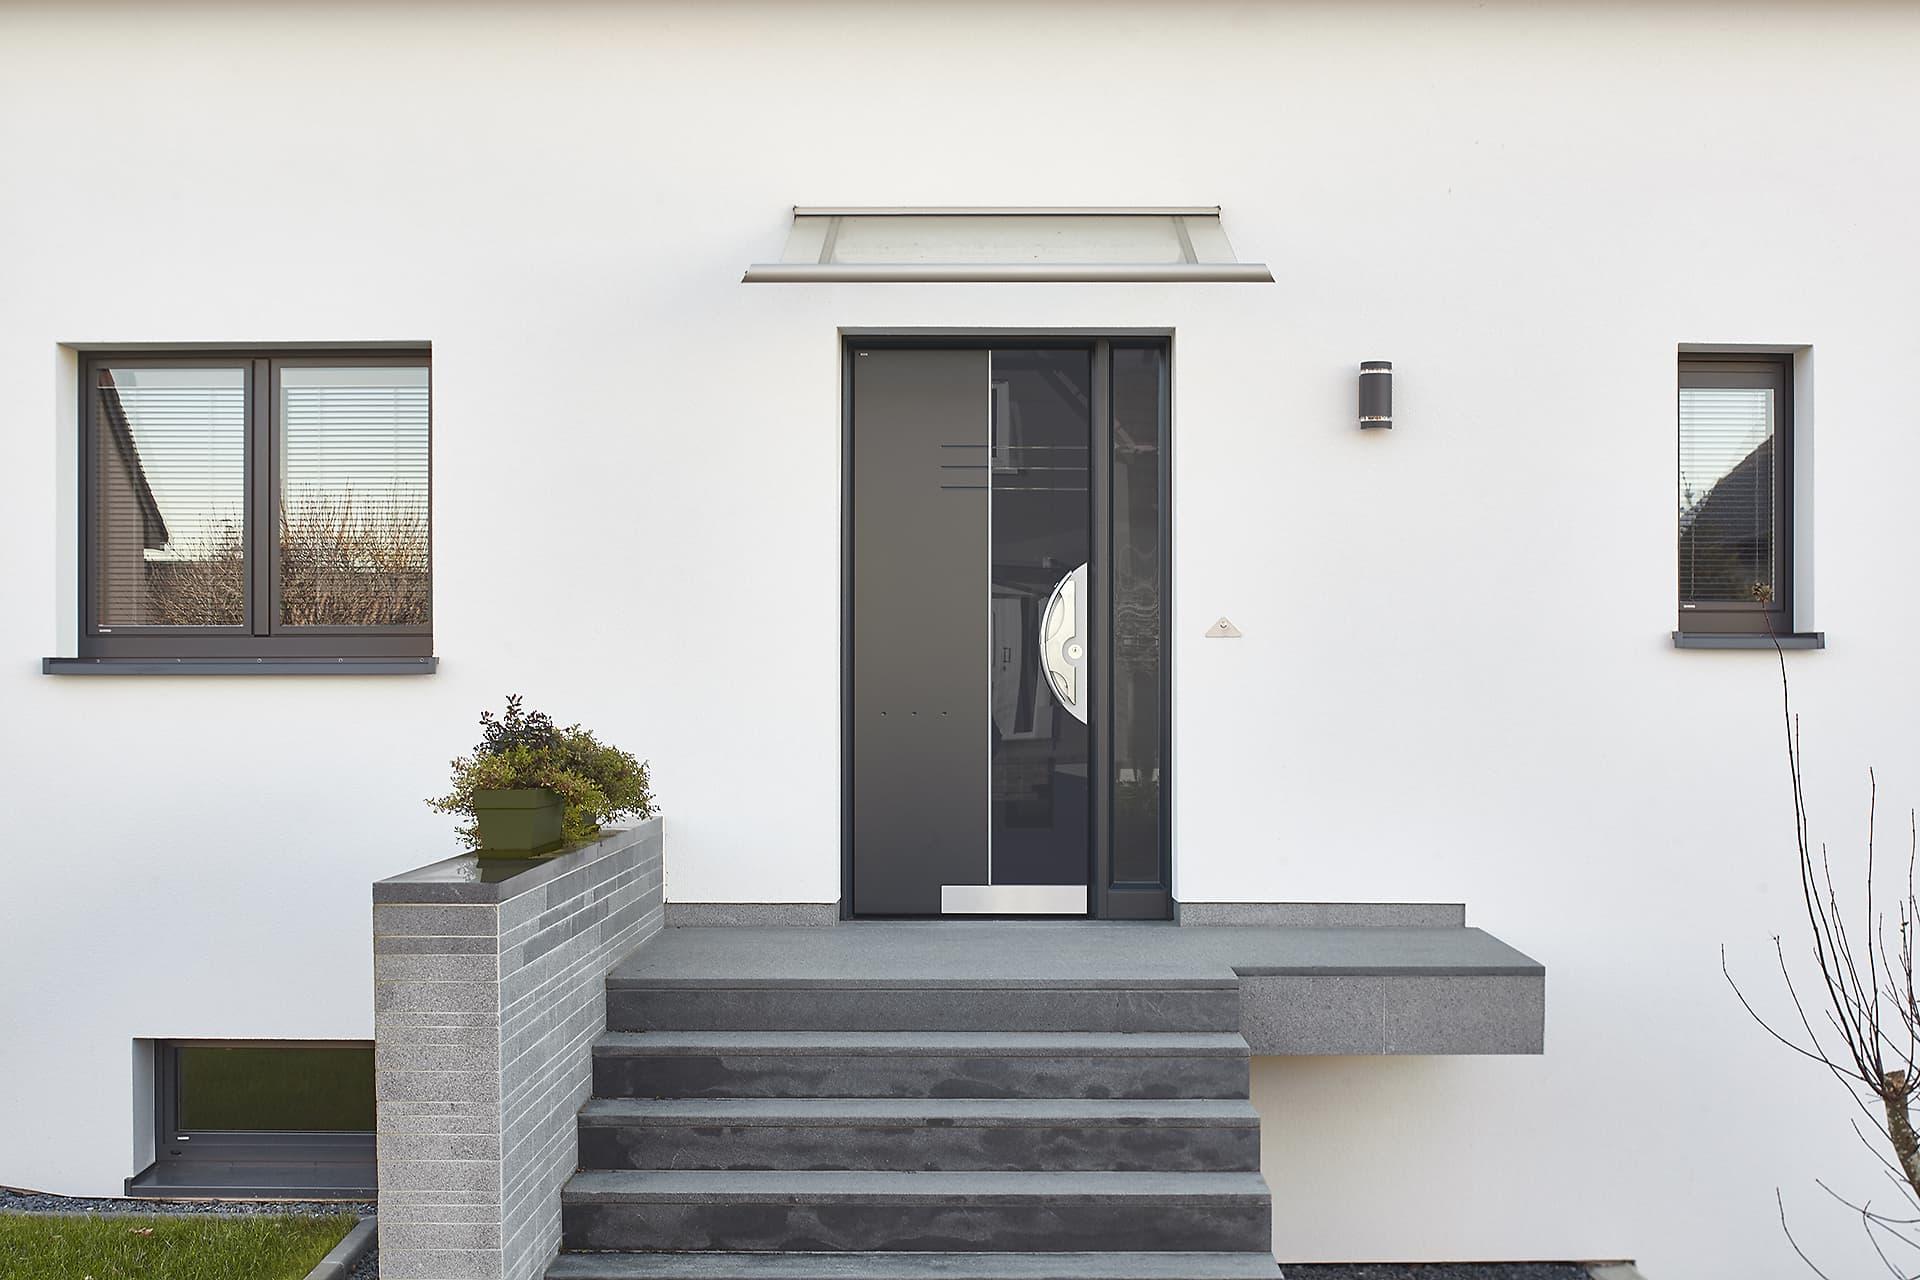 Nahaufnahme des Eingangsbereichs eines weißen Einfamilienhauses mit Blick auf die graue Coplaning Haustür mit rechts und links grauen Coplaning Alu Fenster.